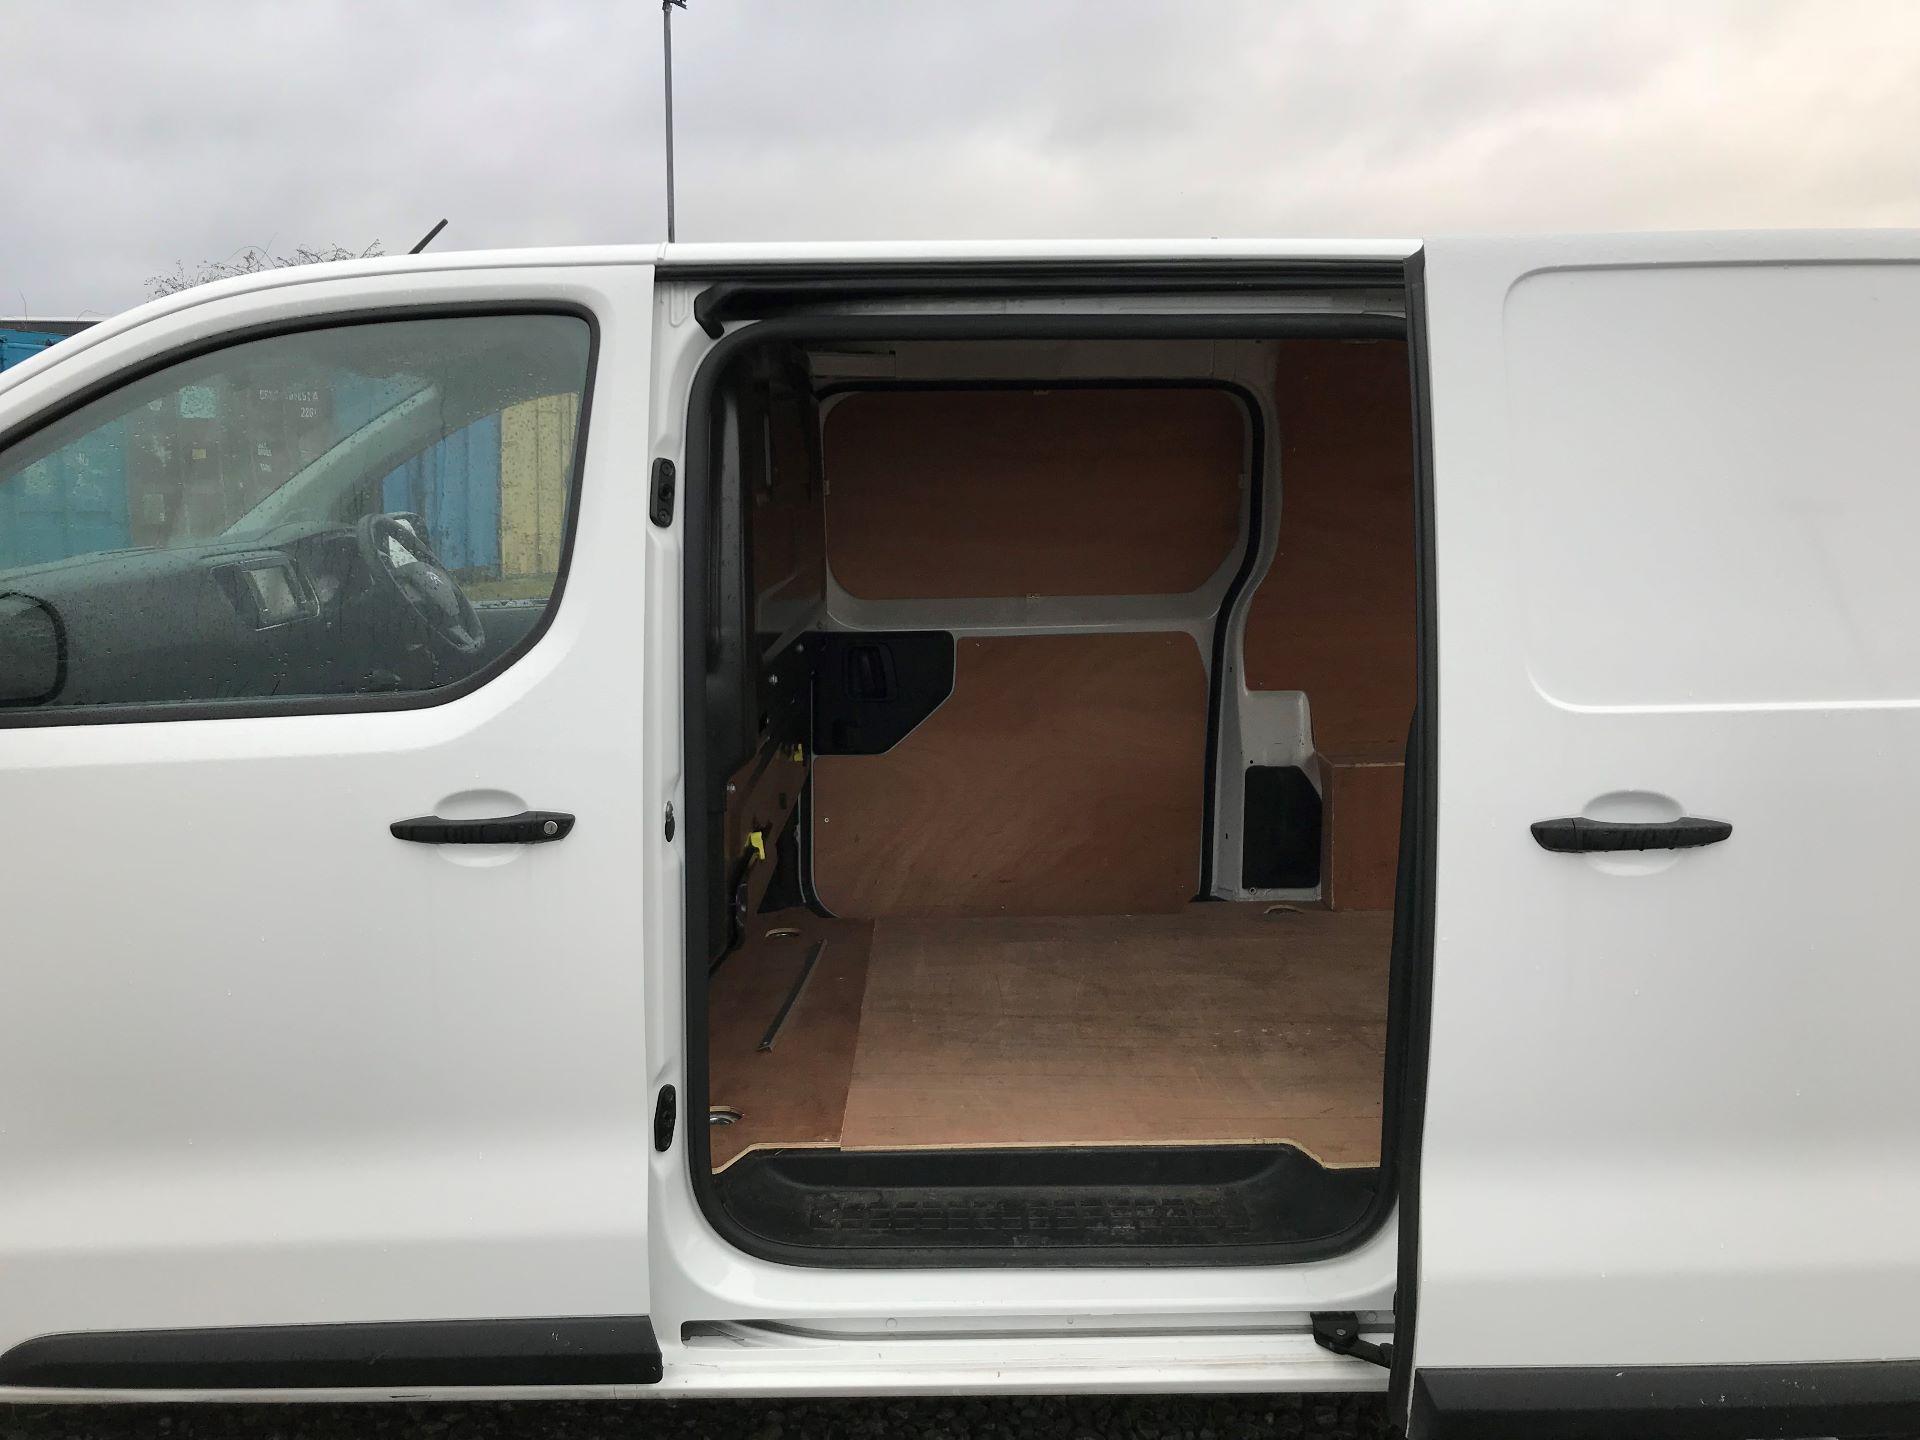 2017 Citroen Dispatch 1400 2.0 Bluehdi 120 Van Enterprise (SA17OLW) Image 17